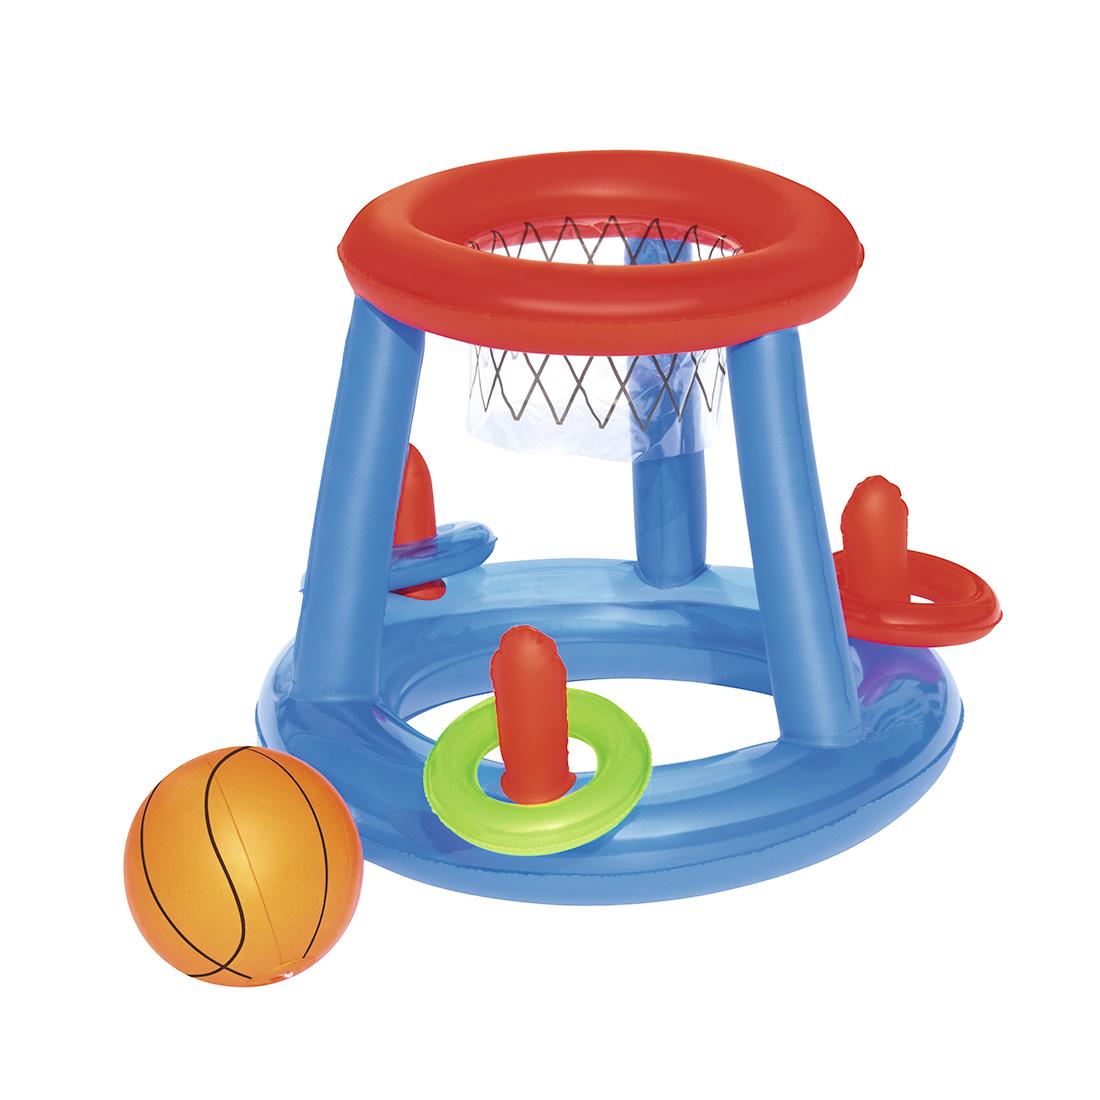 Надувная баскетбольная корзина Bestway 52190